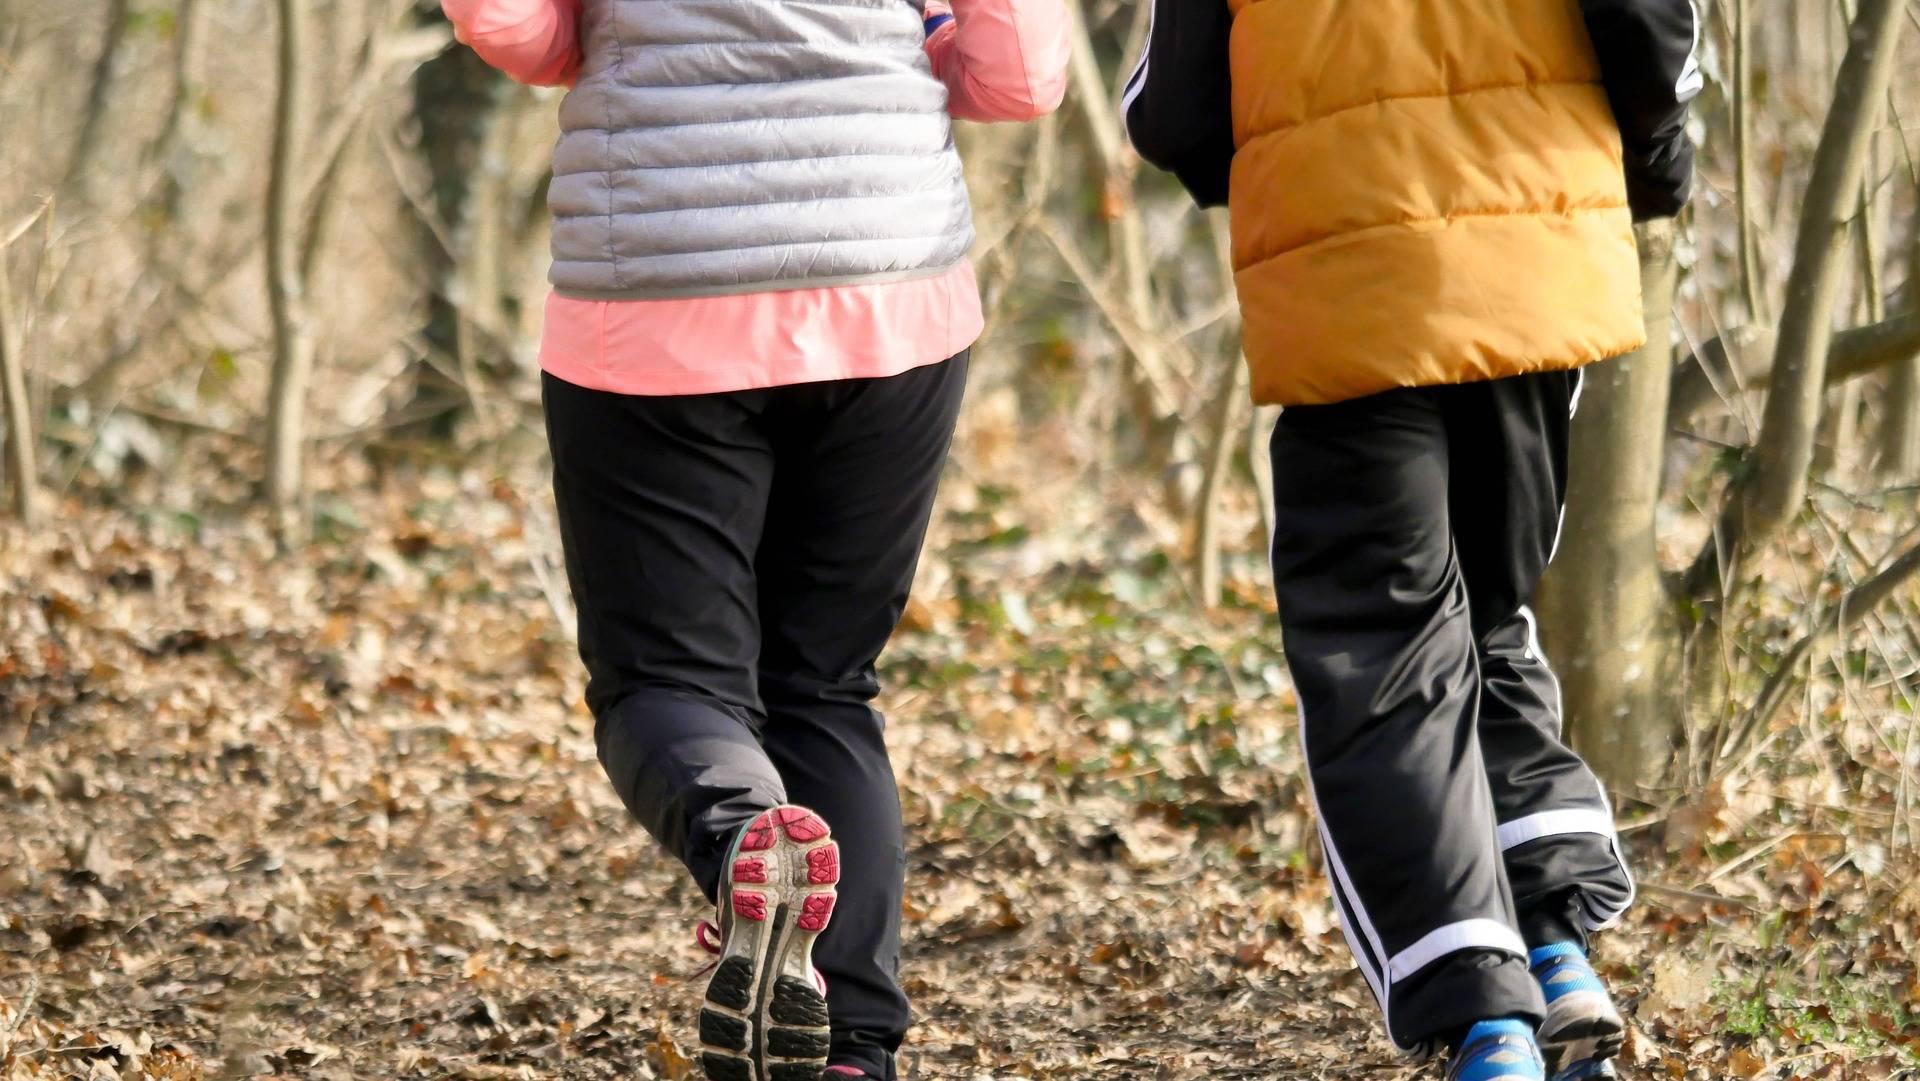 62c8f4916412244d1e47_jogging.jpg